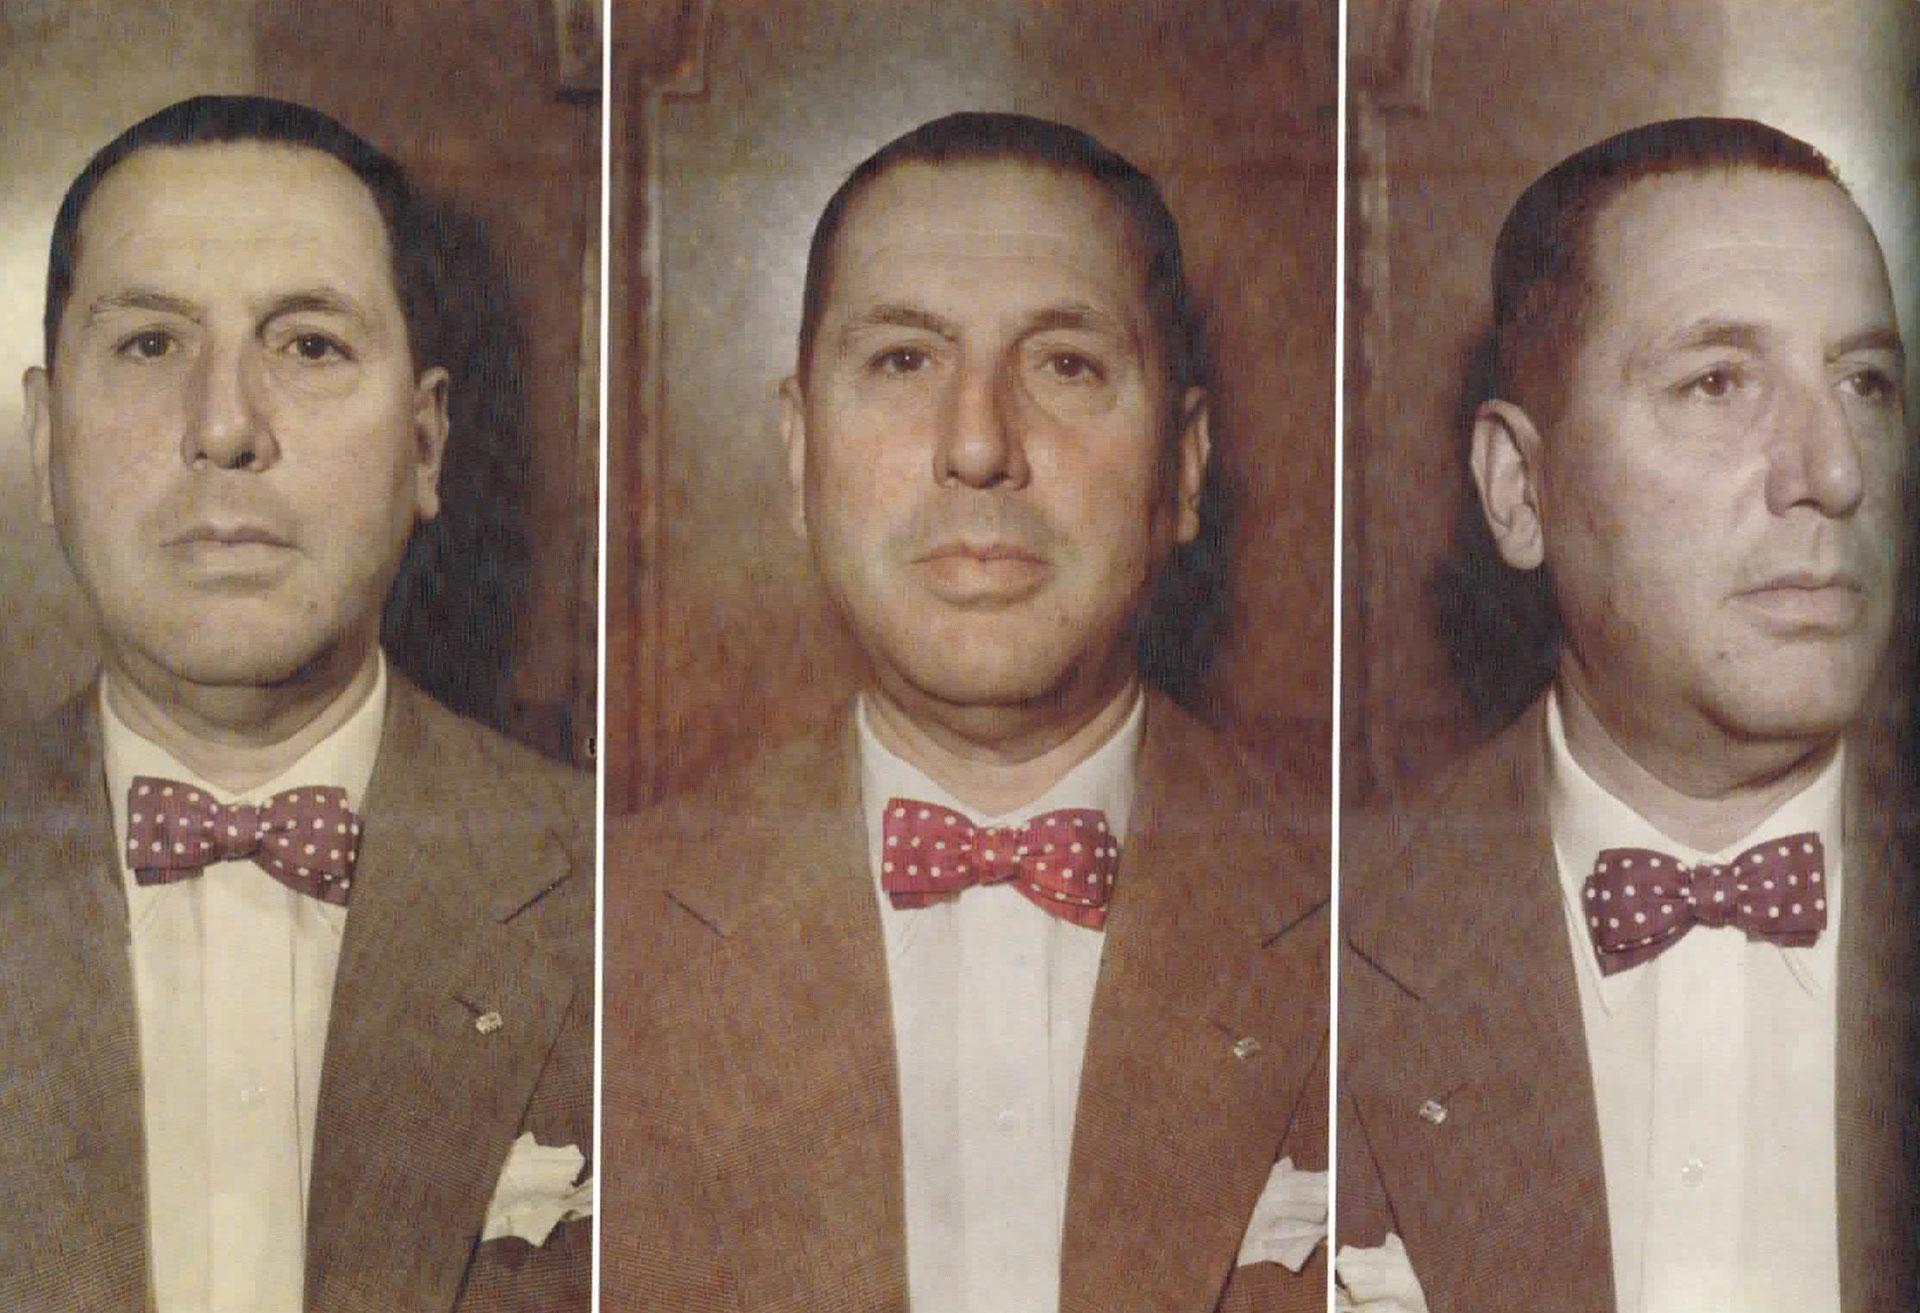 Ensayos para un retrato de Perón. Primeras fotografías en color, a fines de los años 40.